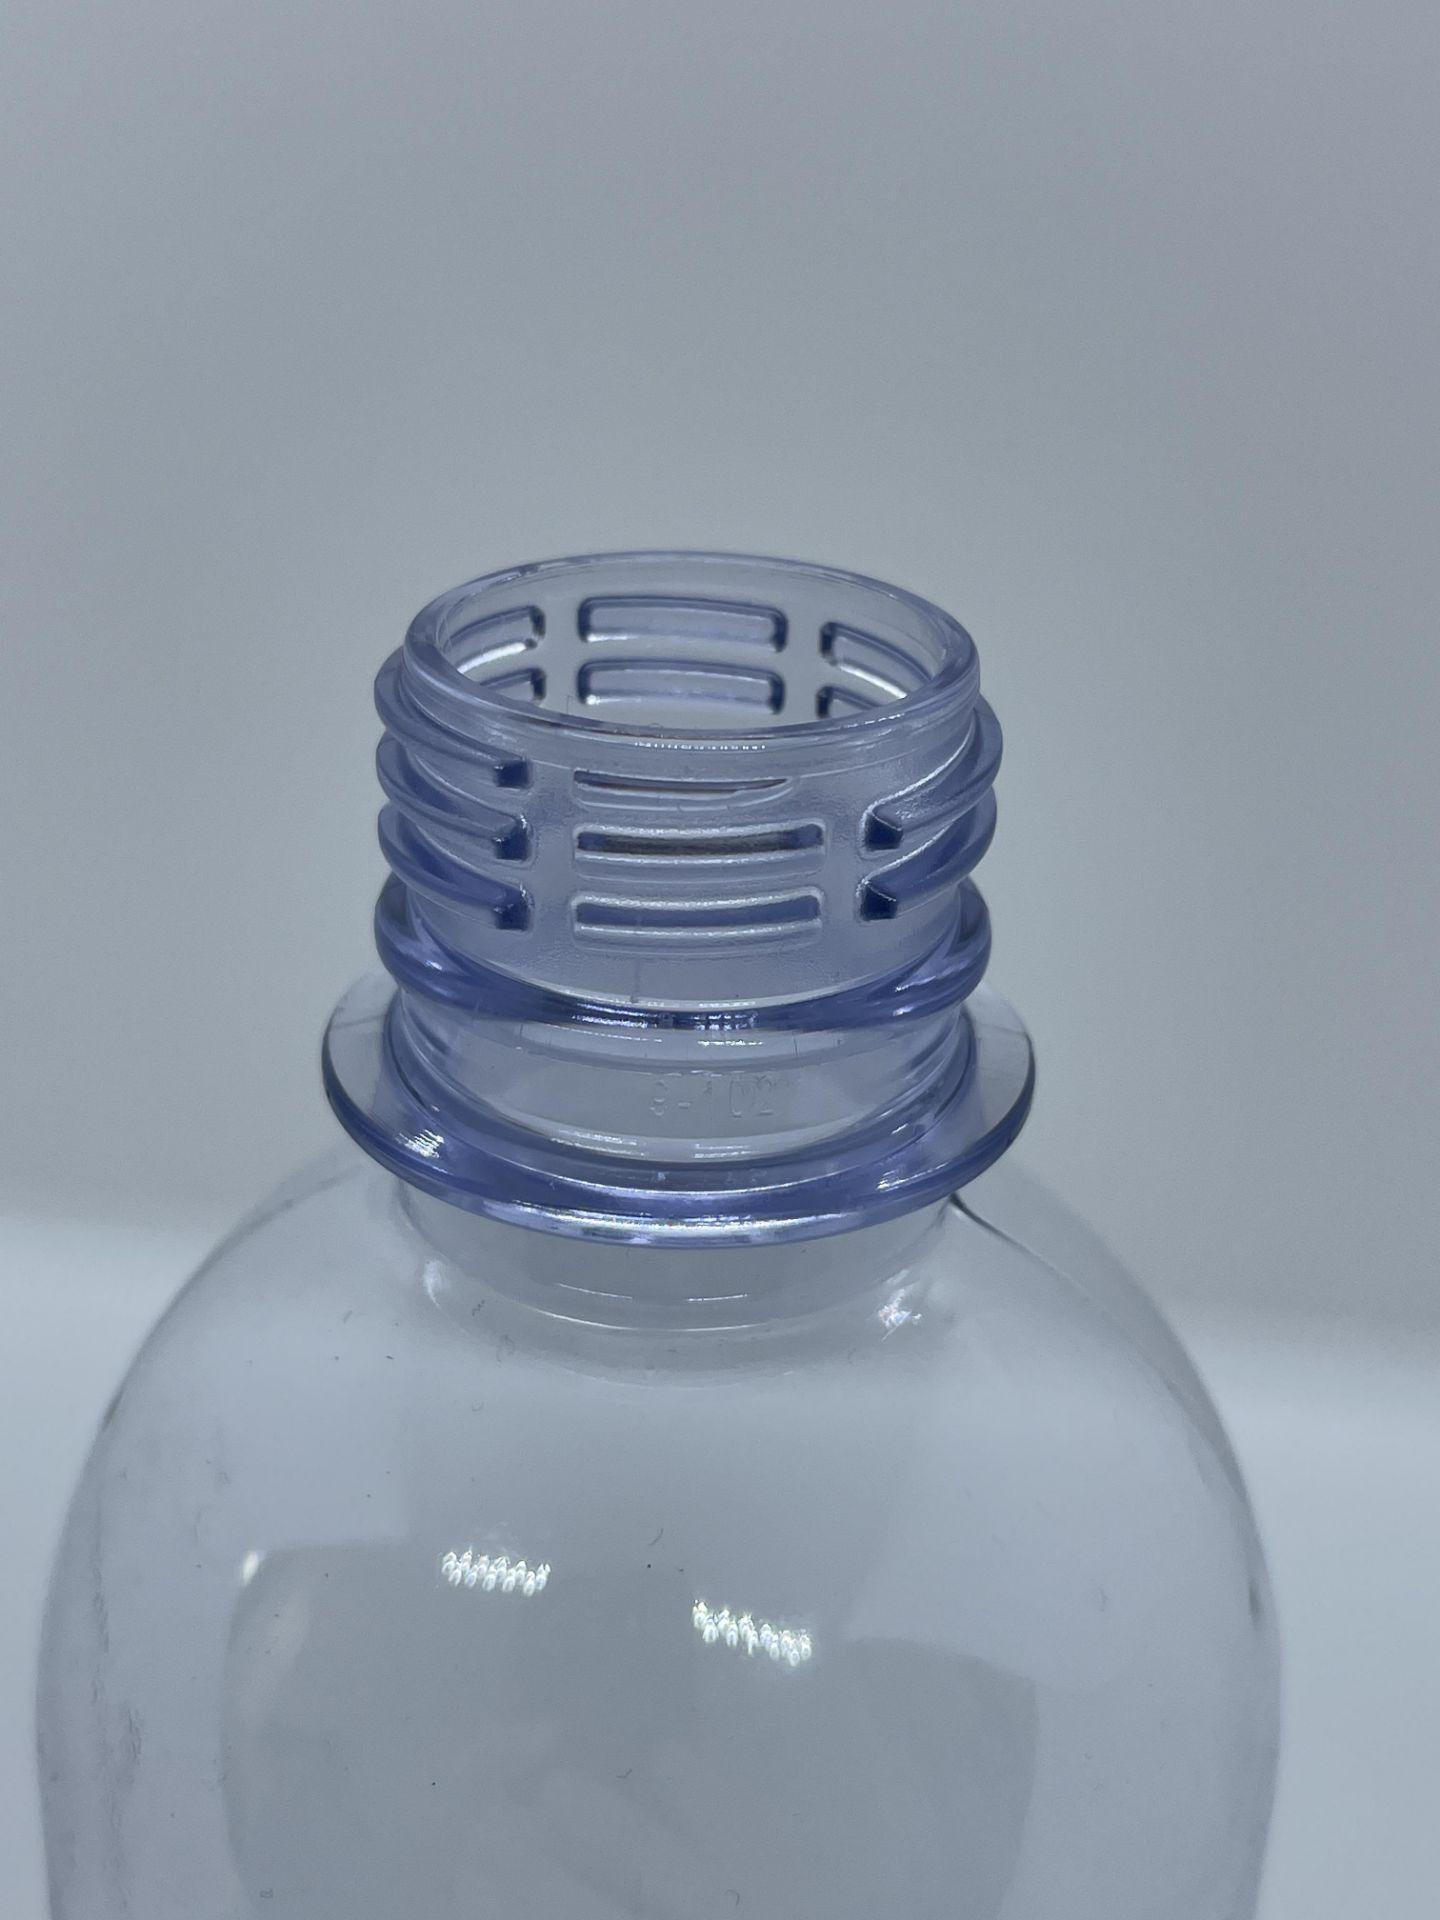 """30,000 - 16 oz Empty Bullet Plastic Bottles, Neck Threading 28-410, 8"""" Tall, 2.5"""" Diameter - Image 4 of 8"""